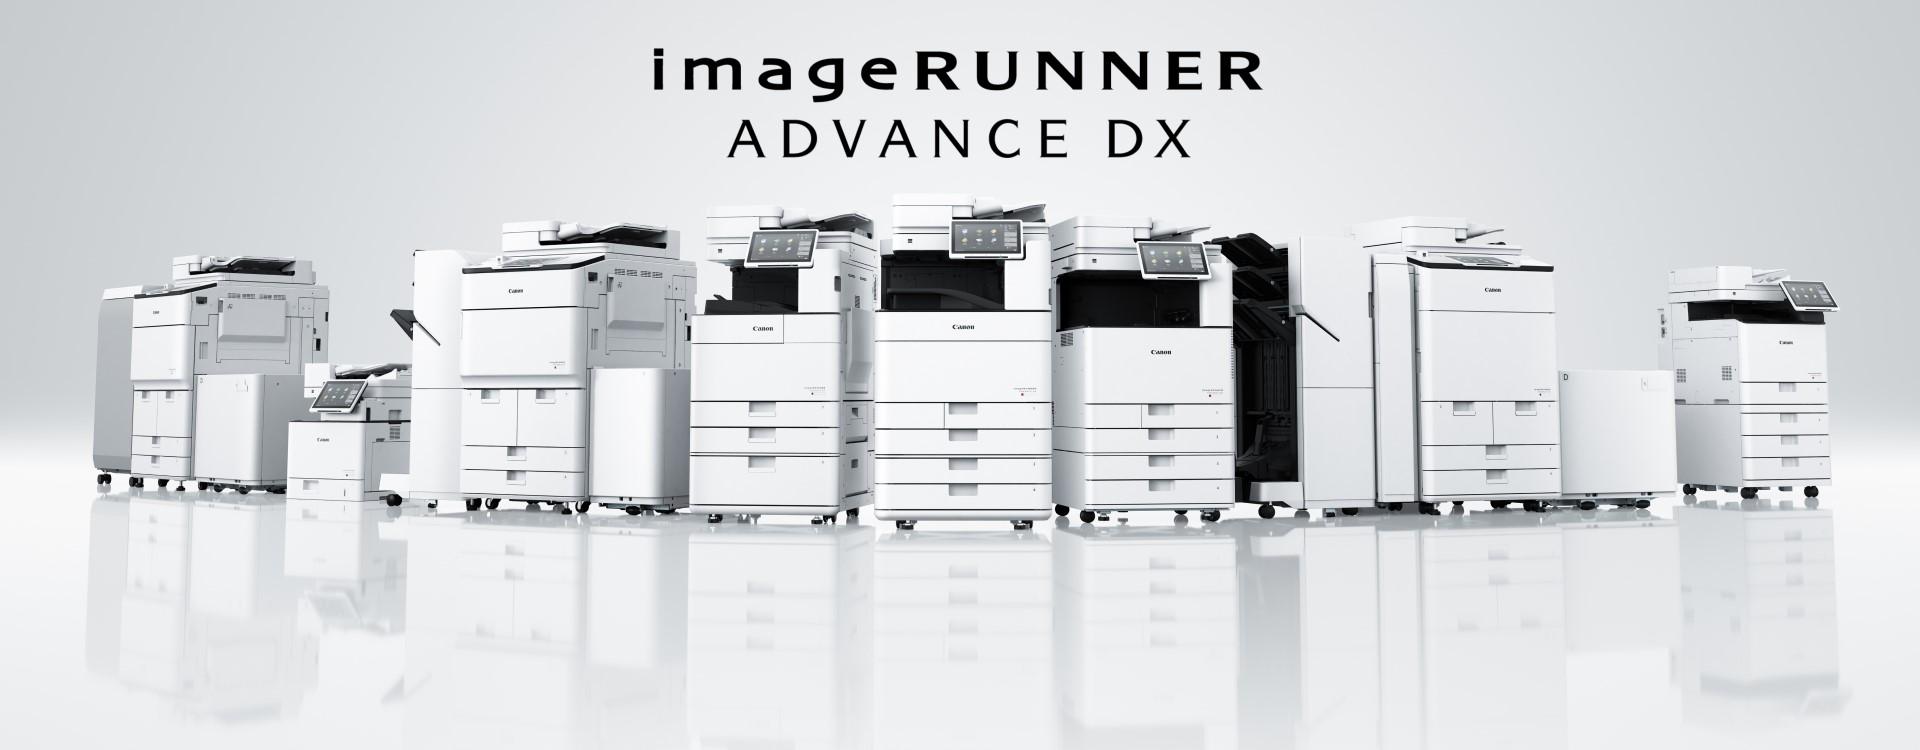 imageRUNNER ADVANCE DX